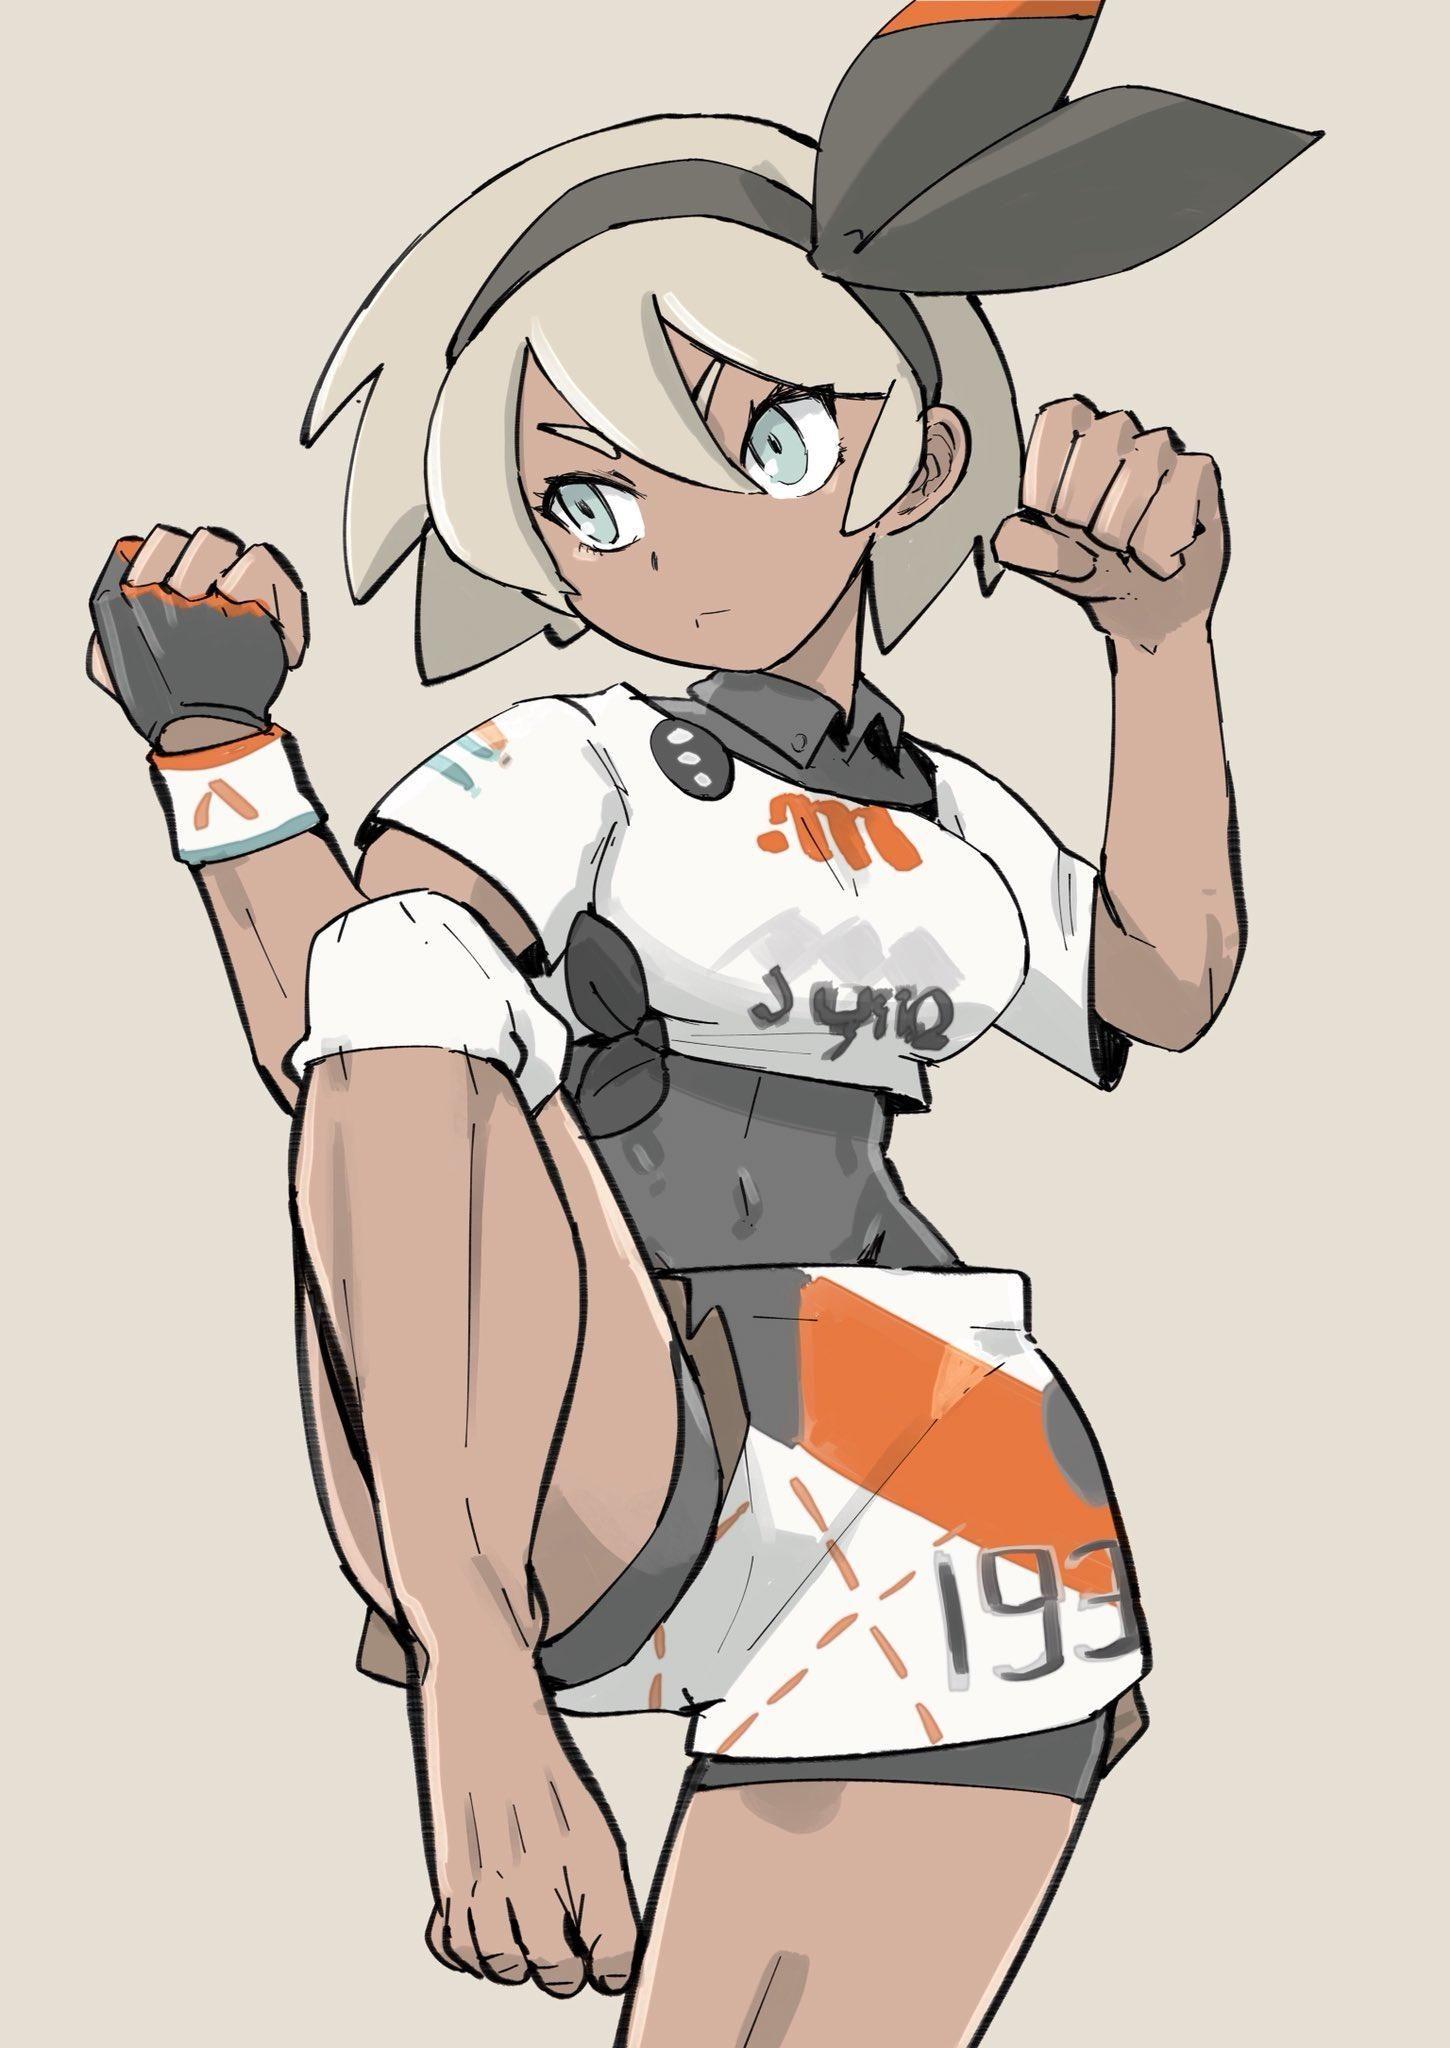 Gym Leader Bea | Pokémon | Pokemon, Pokemon twitter, Pokemon